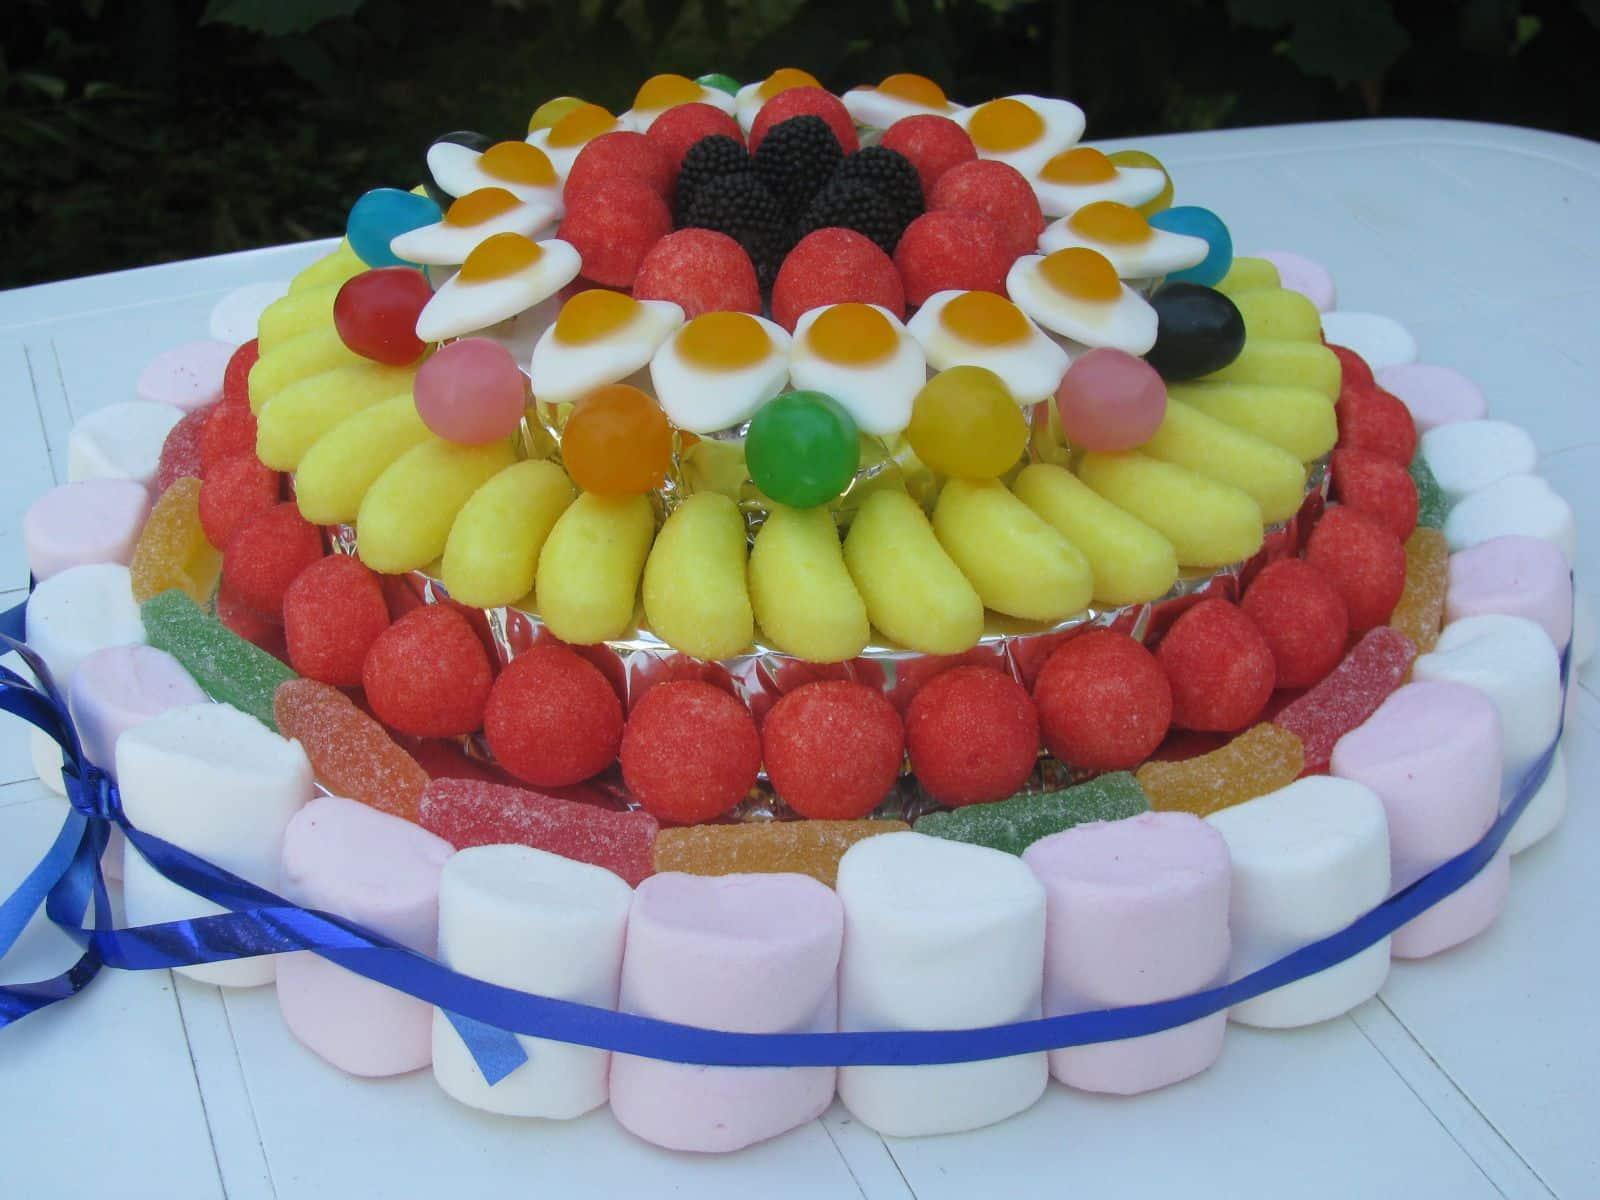 Comment faire un gateau en bonbon - Gateau en bonbon ...